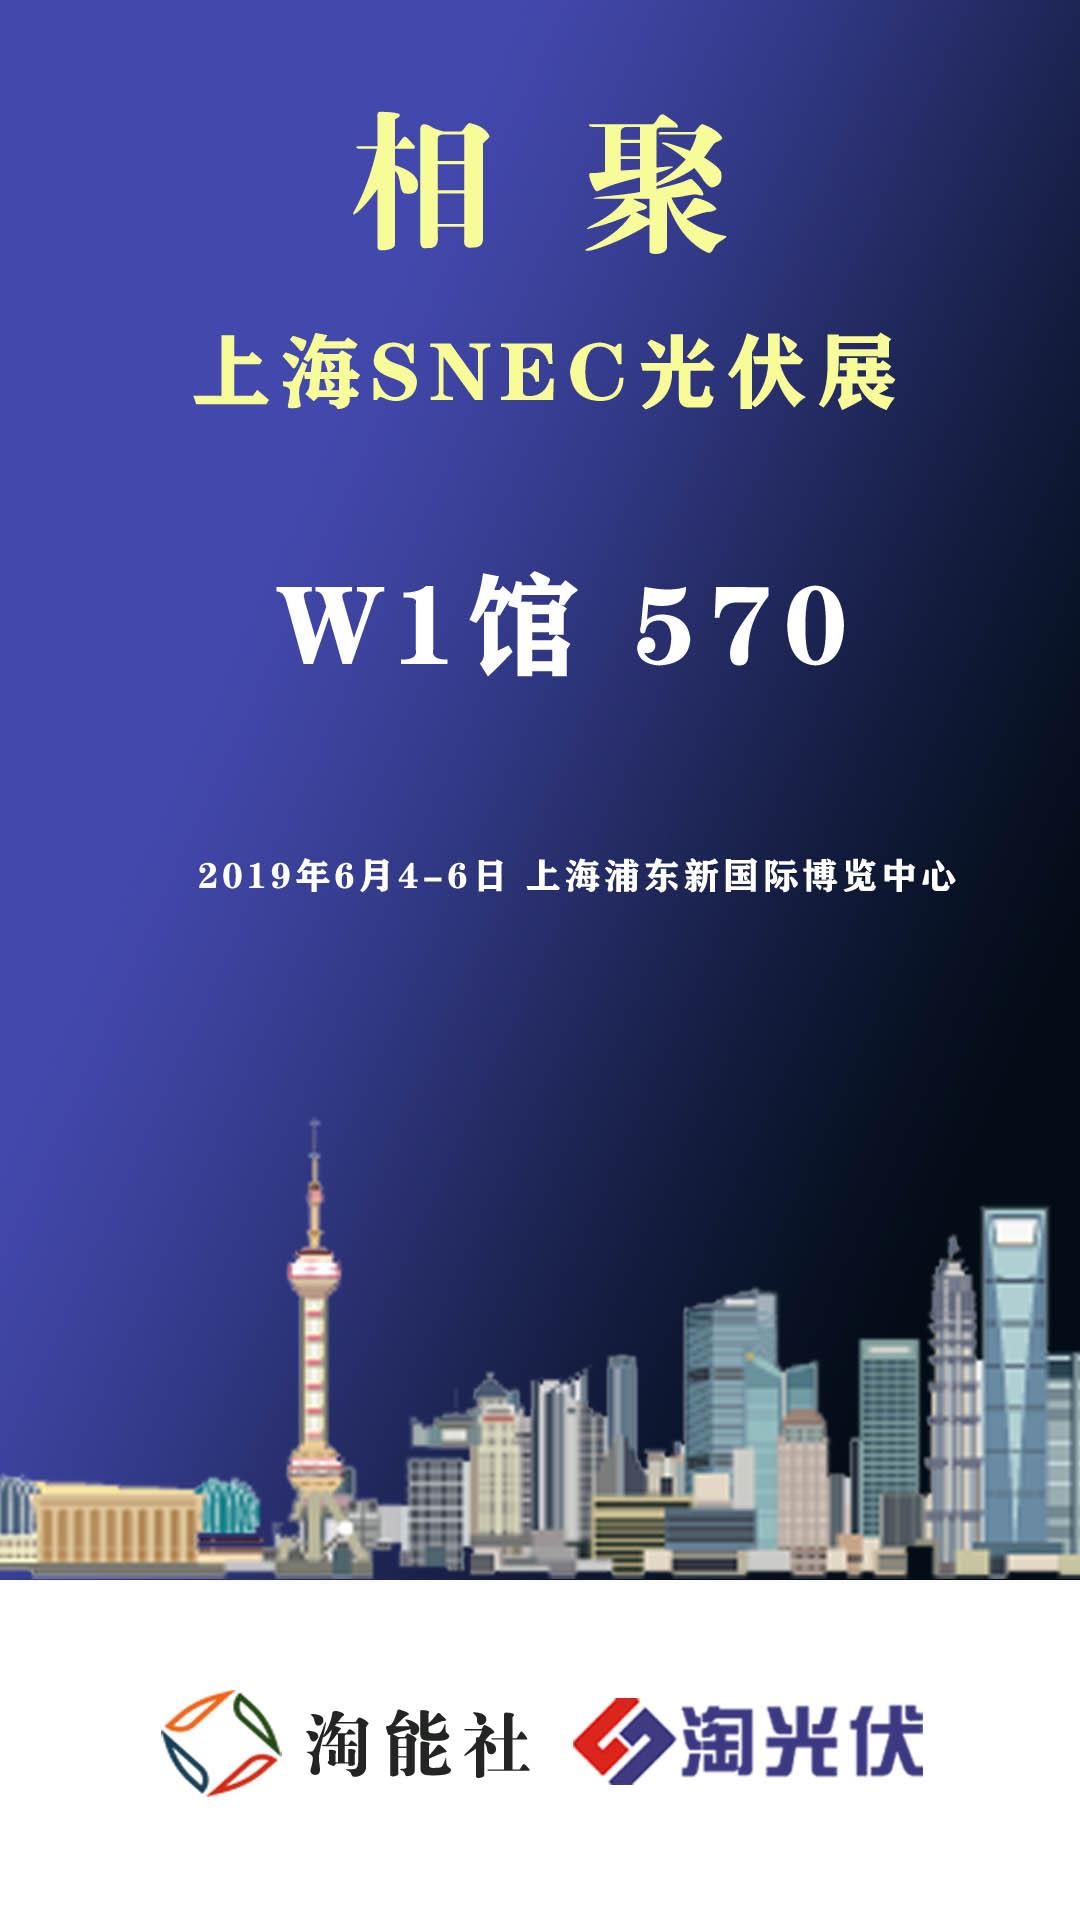 淘光伏参加2019上海SNEC光伏及智慧能源展